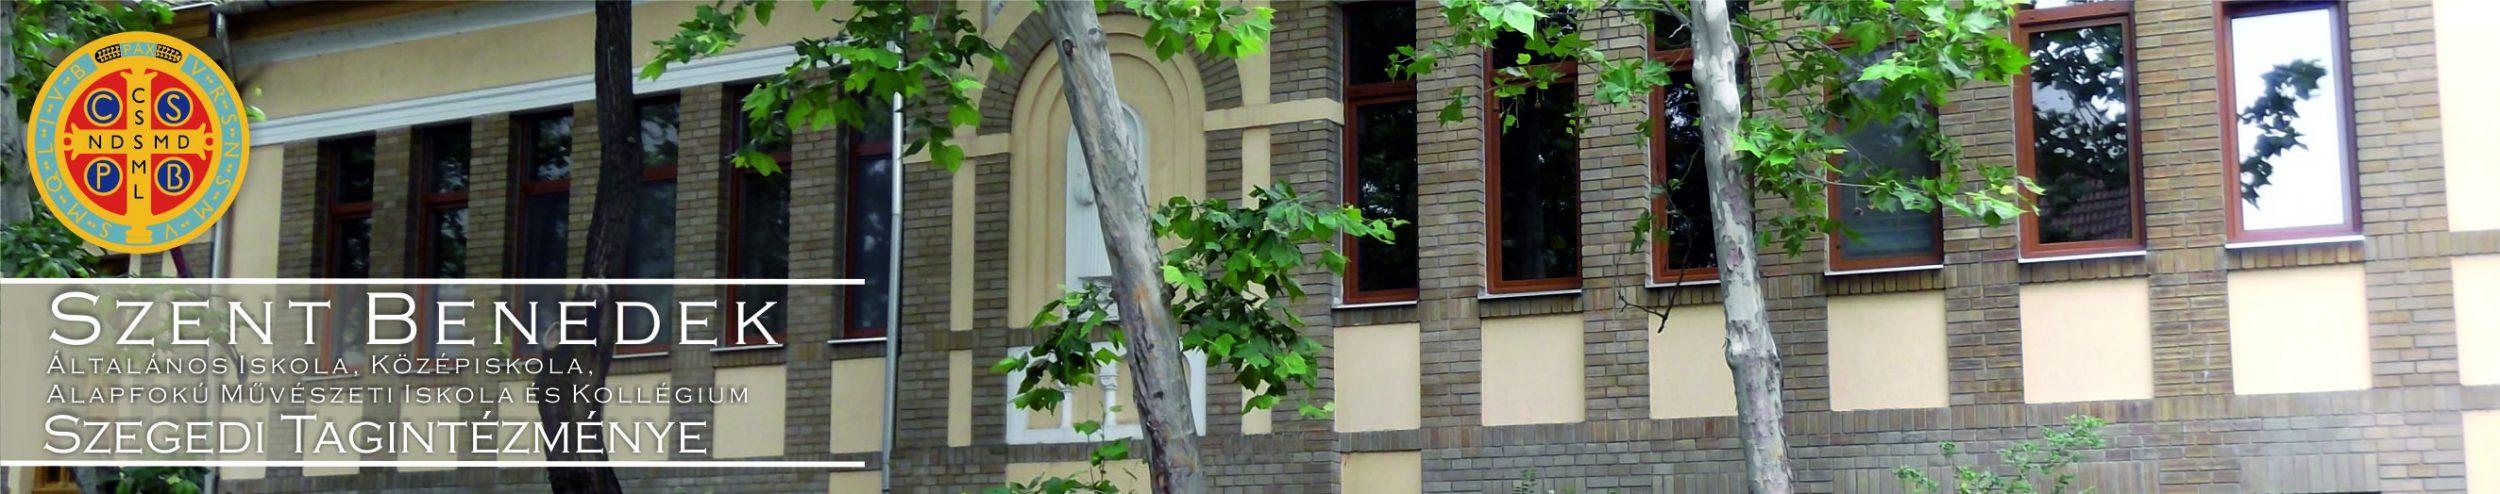 Szent Benedek Többcélú Szakképző Intézmény Szegedi Tagintézménye